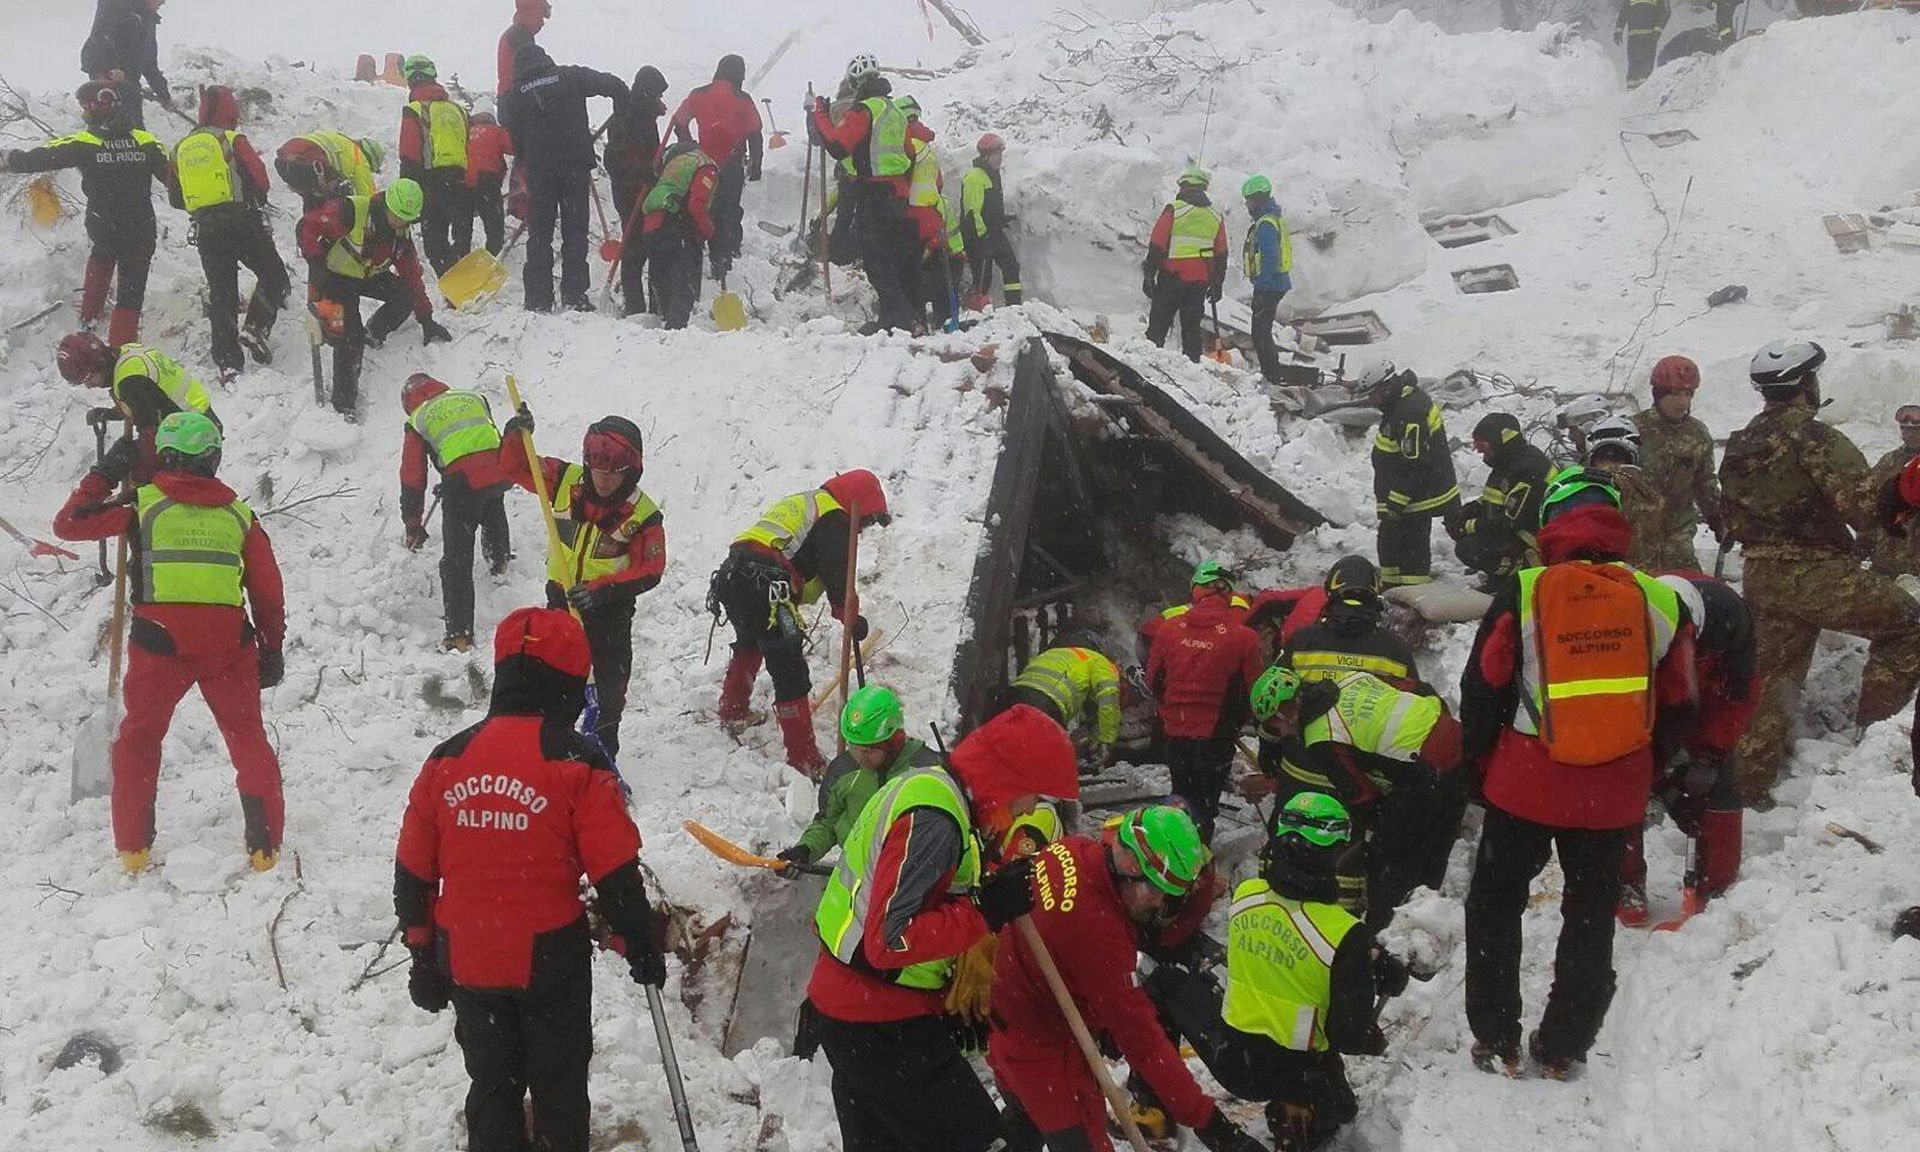 ČETVRTI DAN POTRAGE: Nema znakova života u ruševinama talijanskog hotela pod lavinom